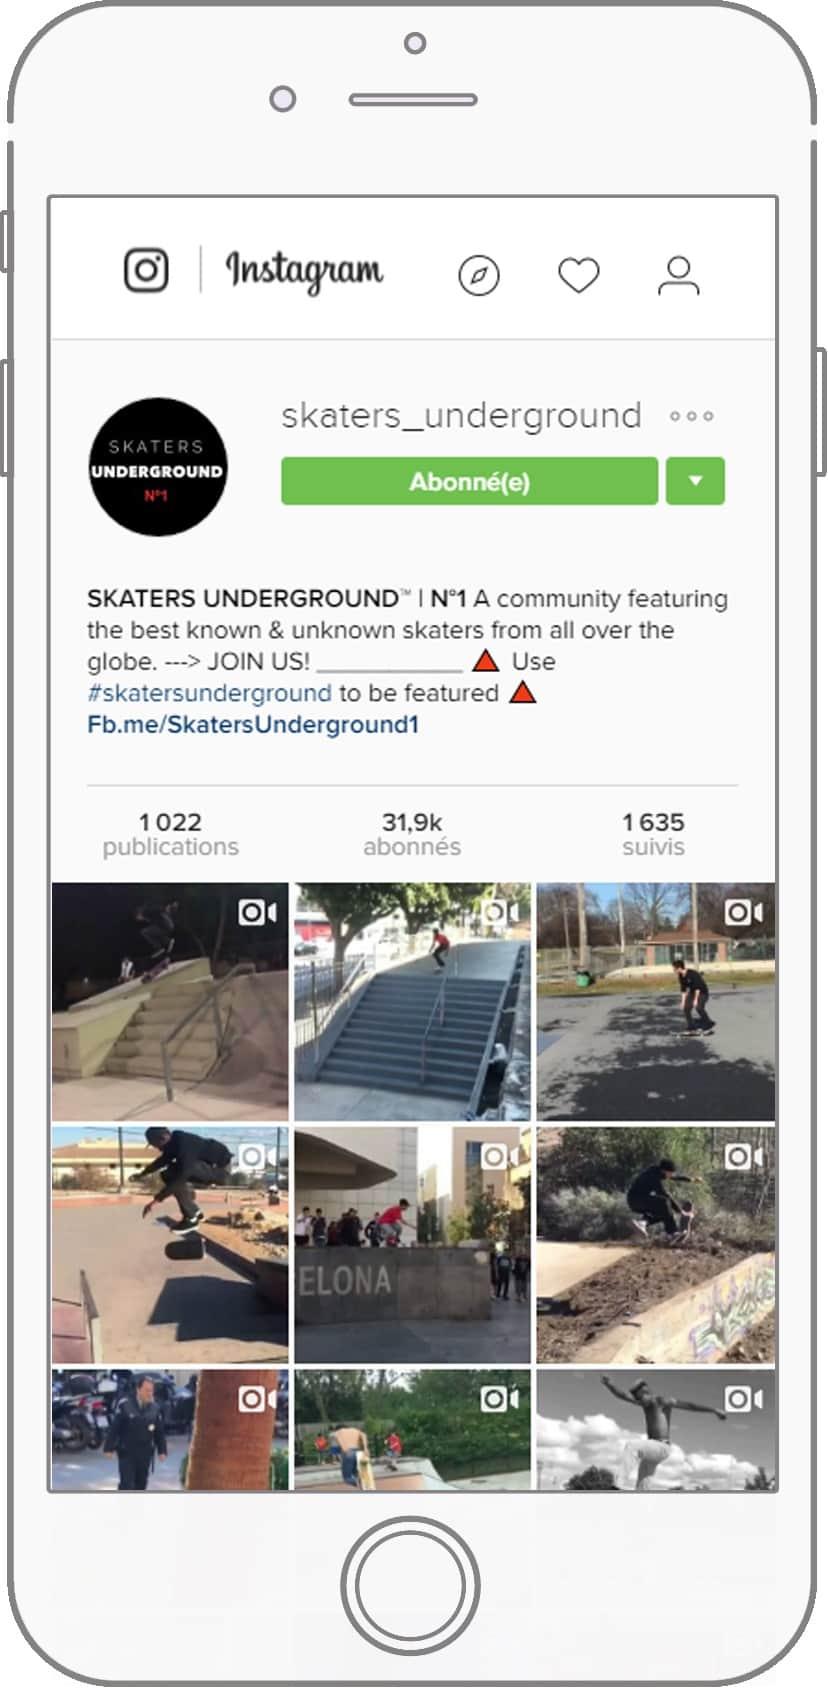 Brigade-Web-Réalisation-Instagram-Skaters-Underground 111